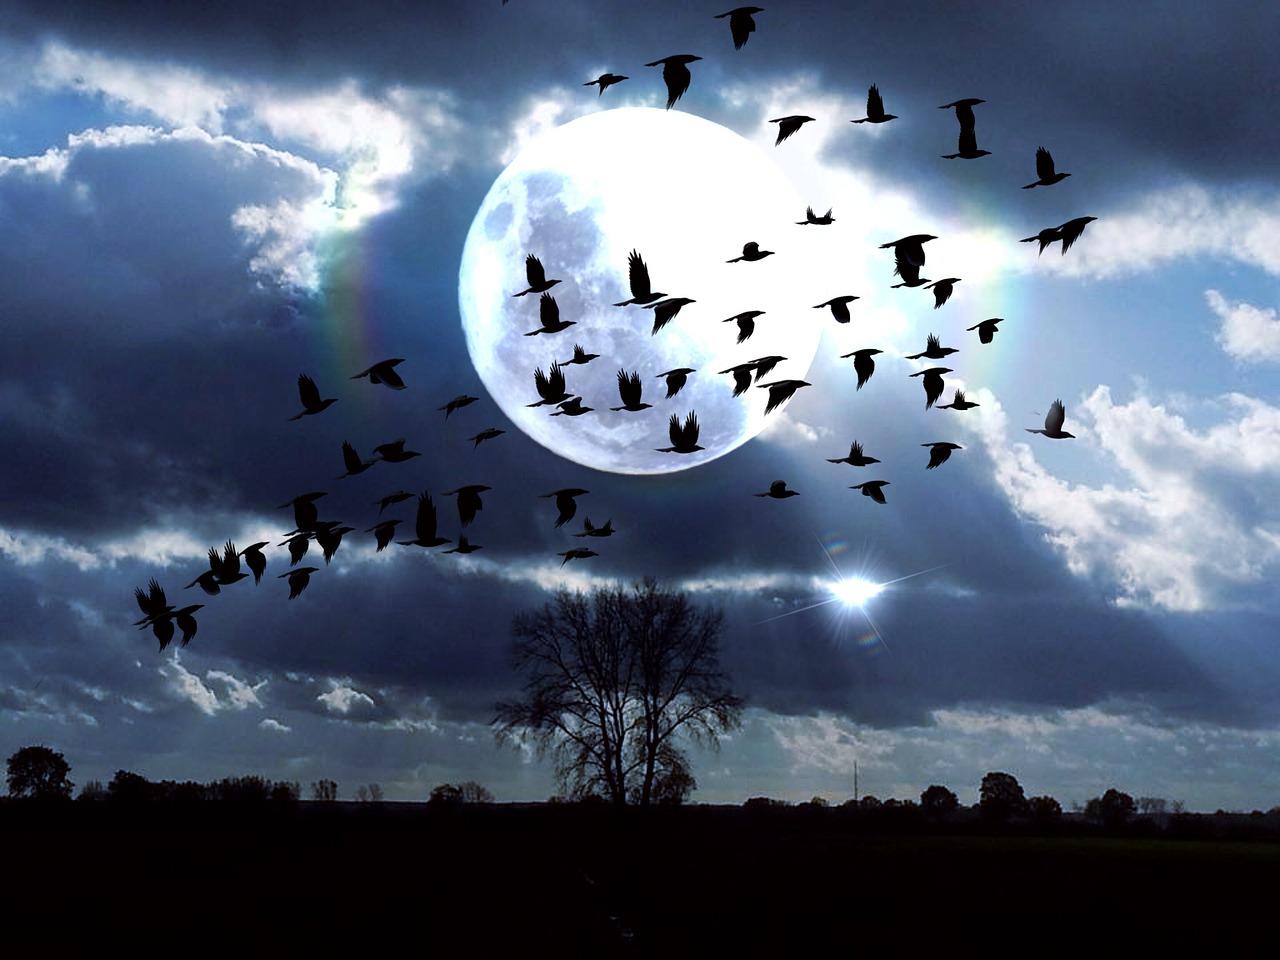 николаевна птицы в ночном небе картинки футболках проверенный